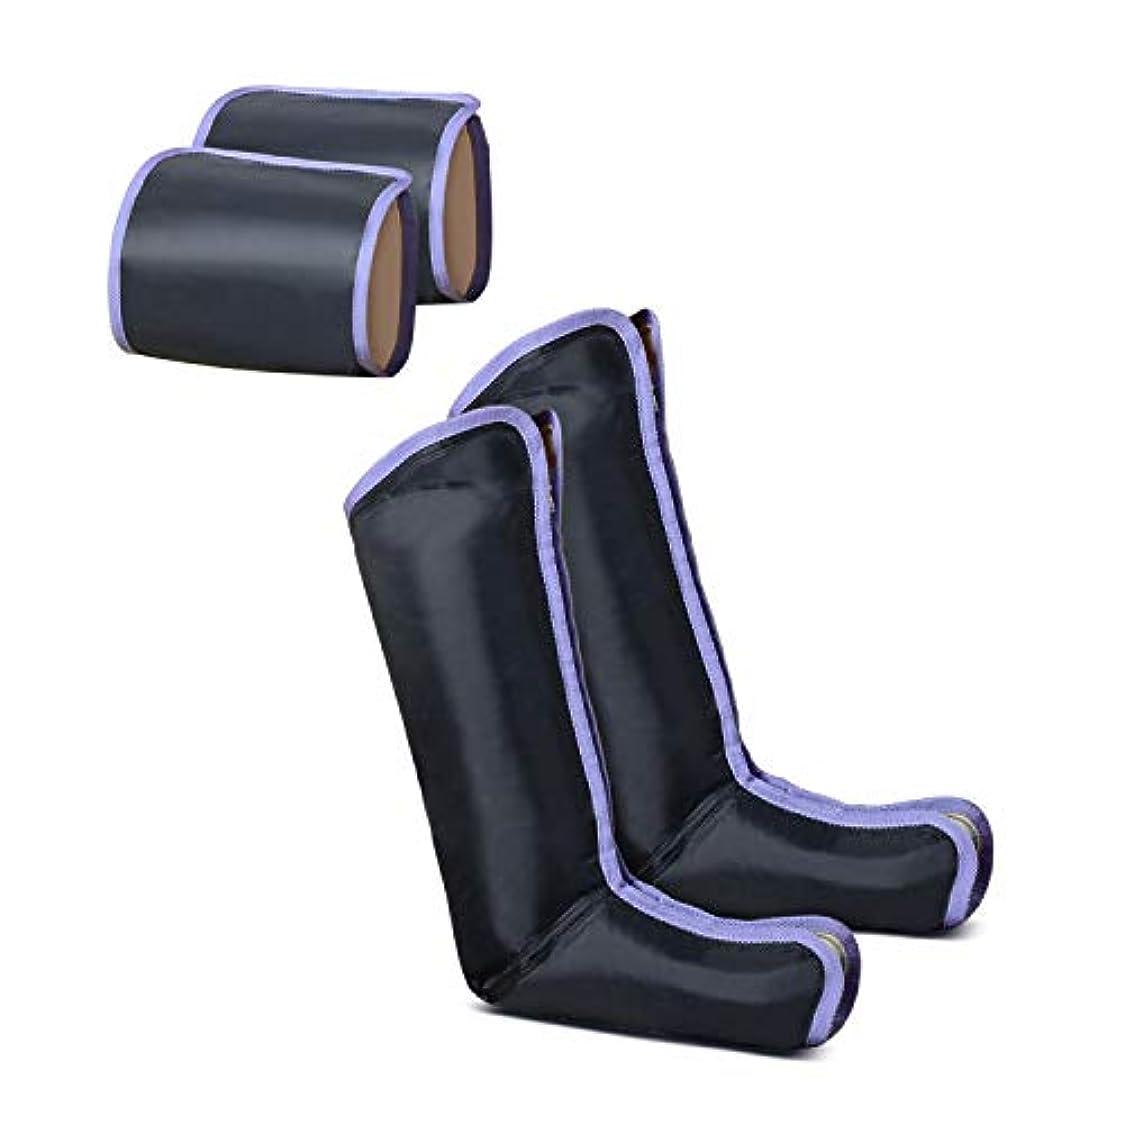 電話する実行可能踏み台SOLIN フットマッサージャー エアーマッサージャー レッグリフレ レッグマッサージ 電気マッサージ機 ひざ/太もも巻き対応 疲労の回復 血行の促進 贈り物